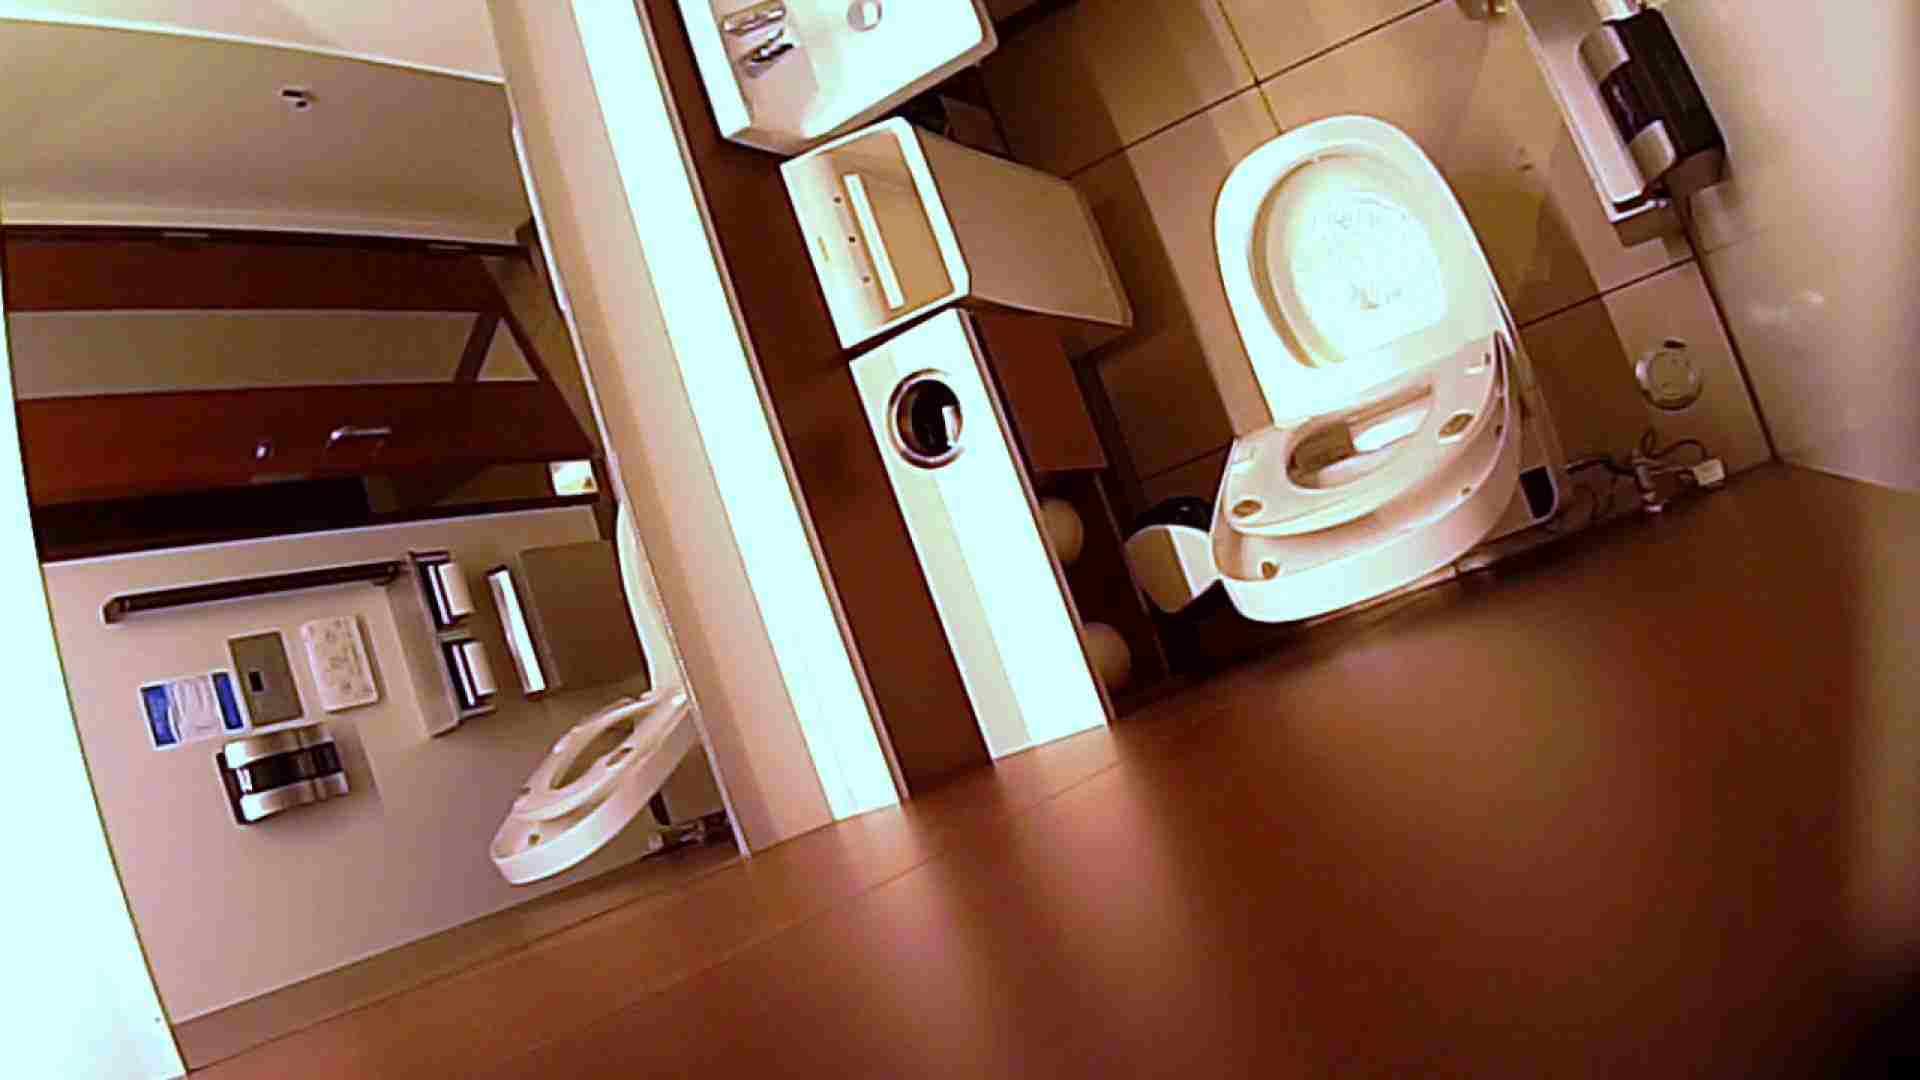 すみませんが覗かせてください Vol.31 トイレ | 0  94pic 58